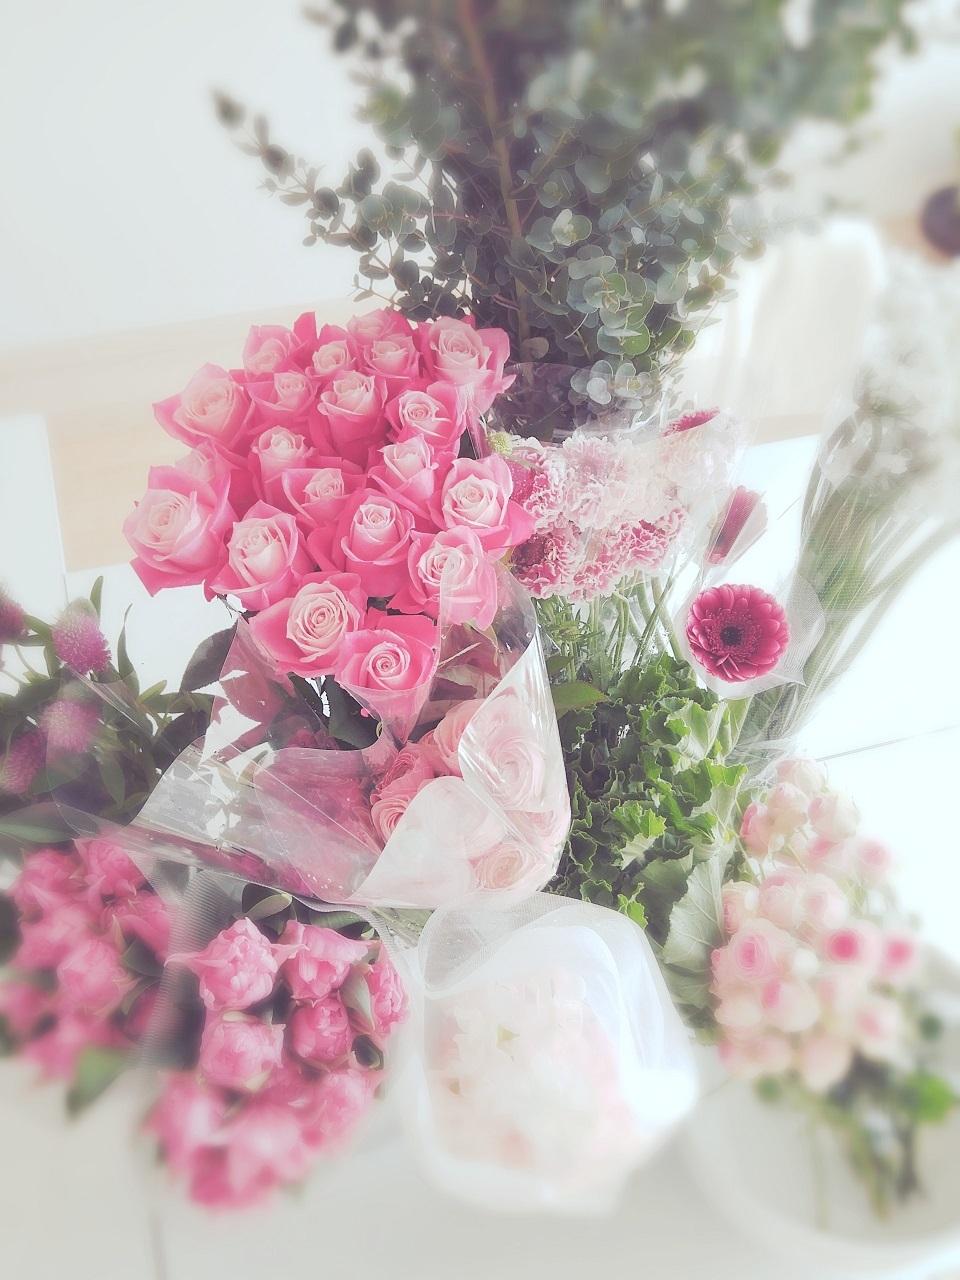 日々のこと~凜とした薔薇に想う